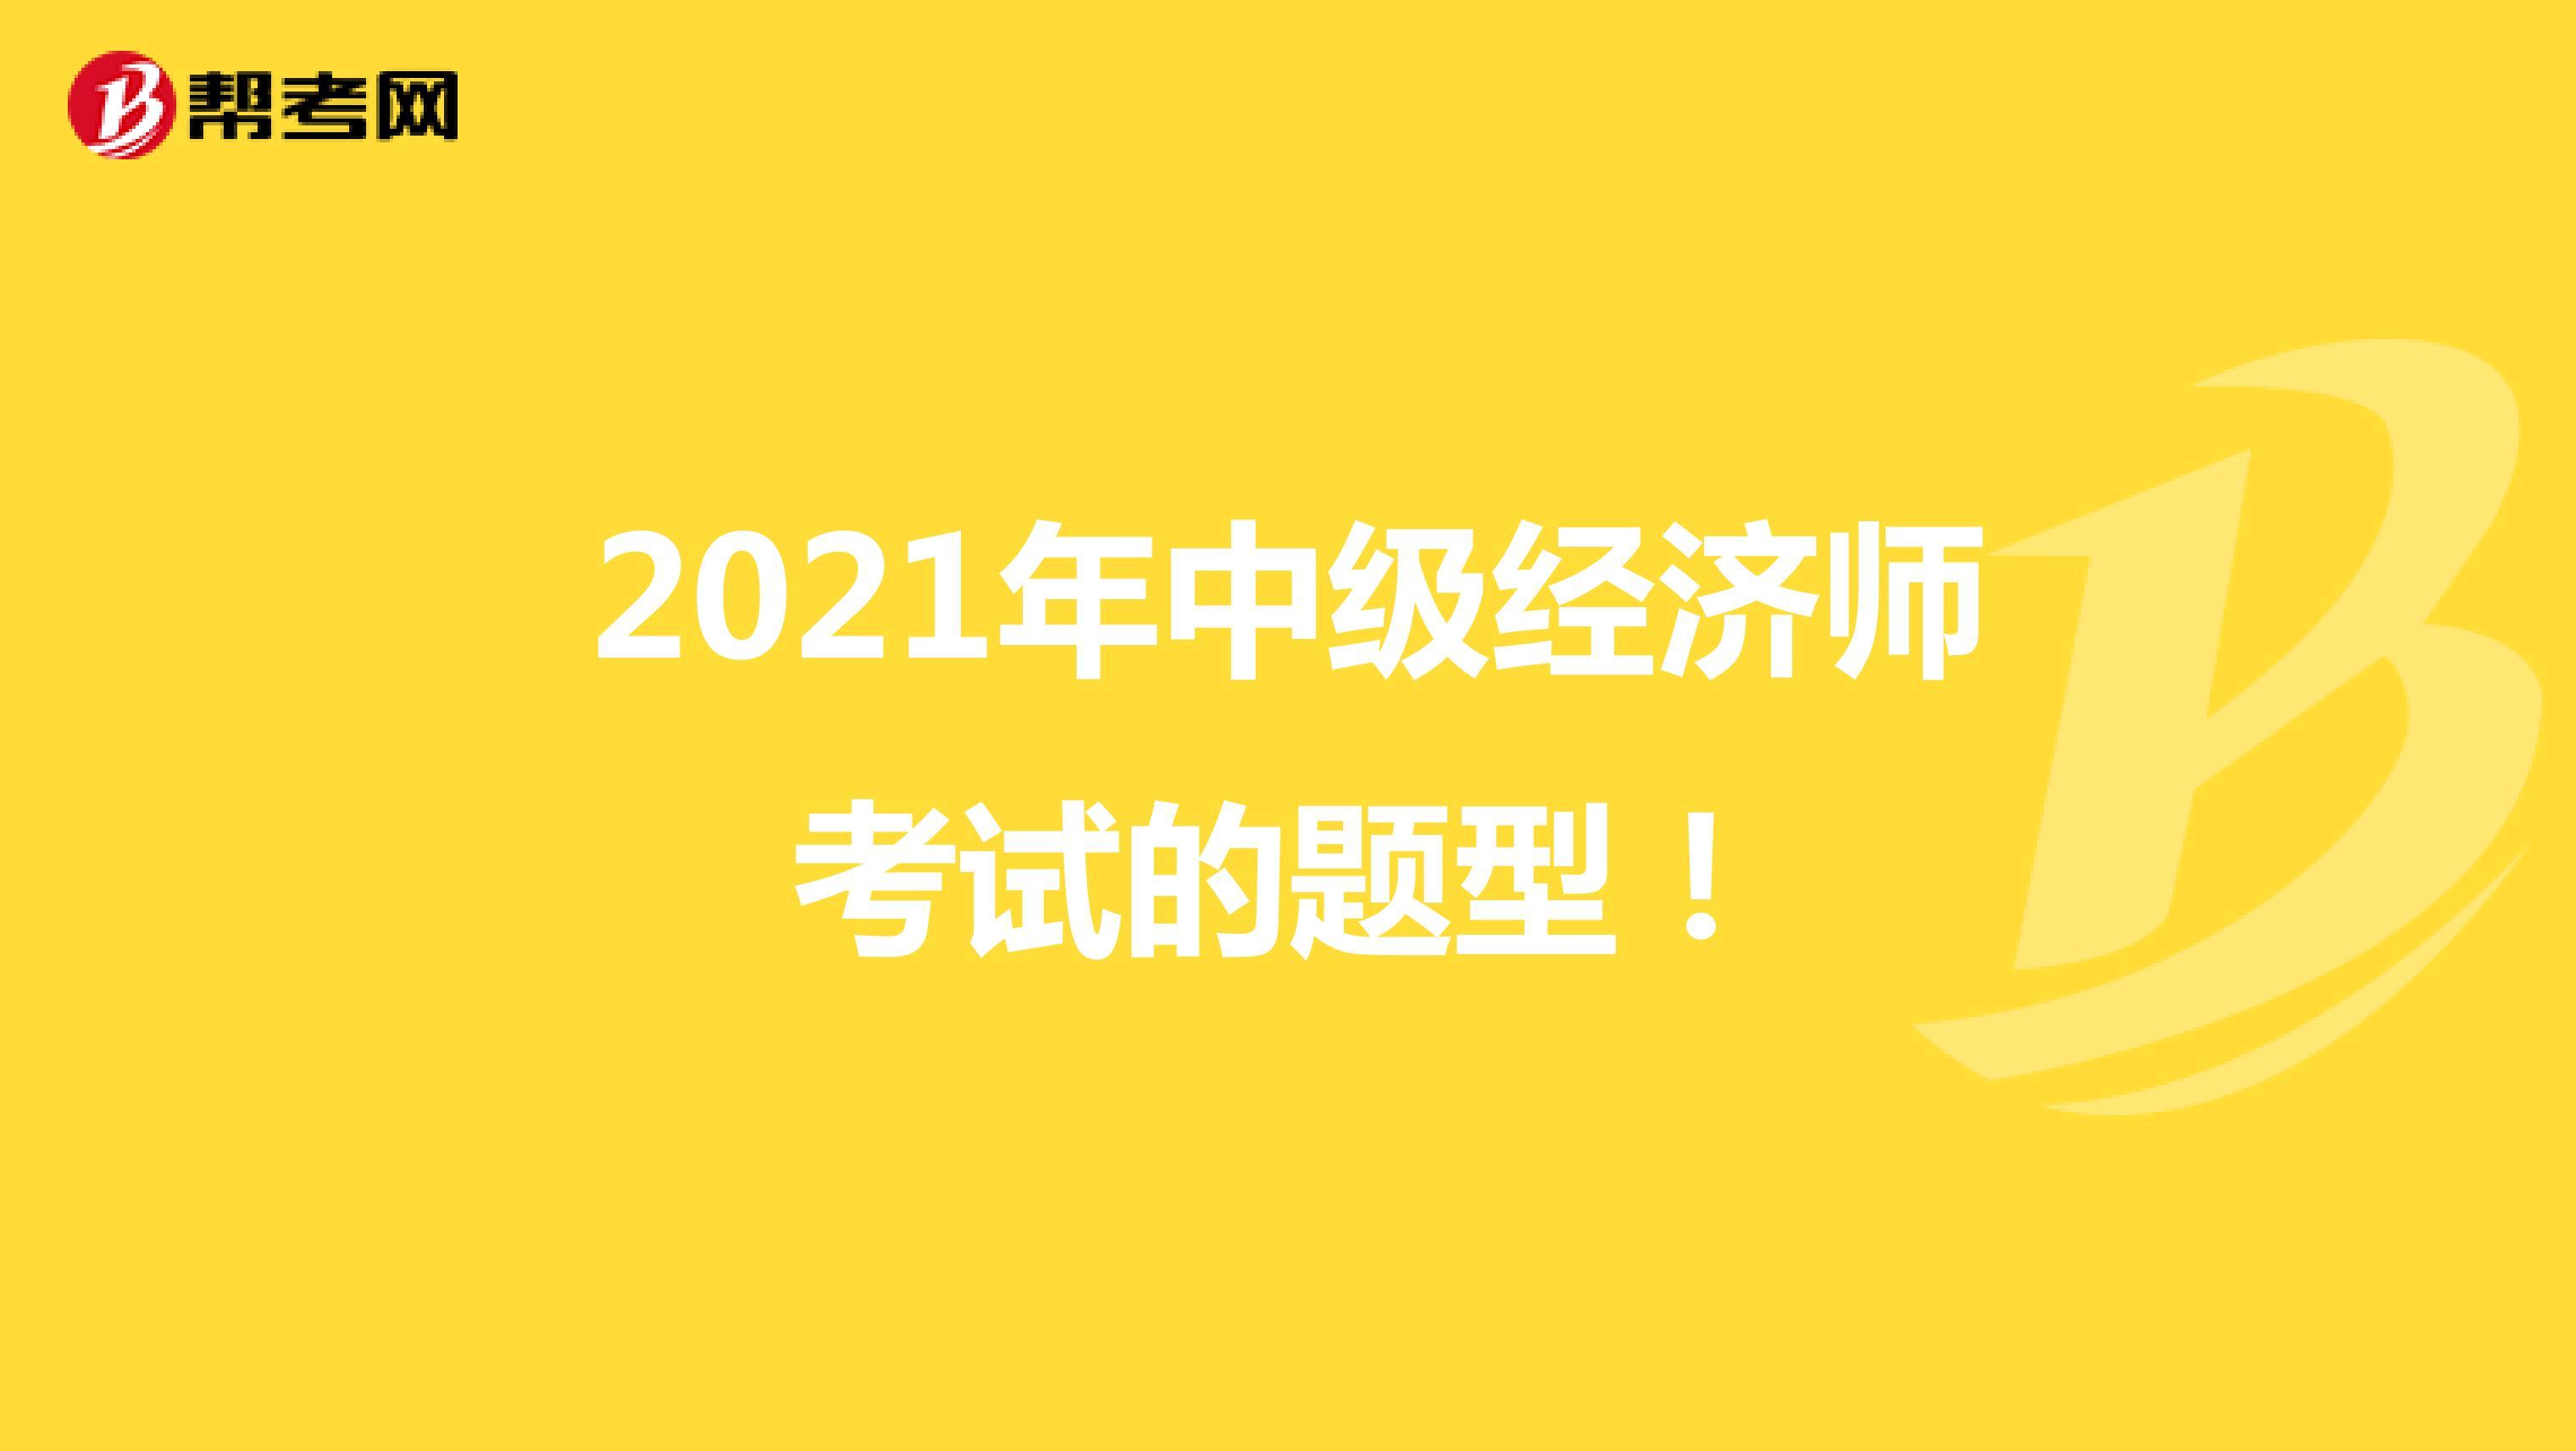 2021年中级经济师考试的题型!